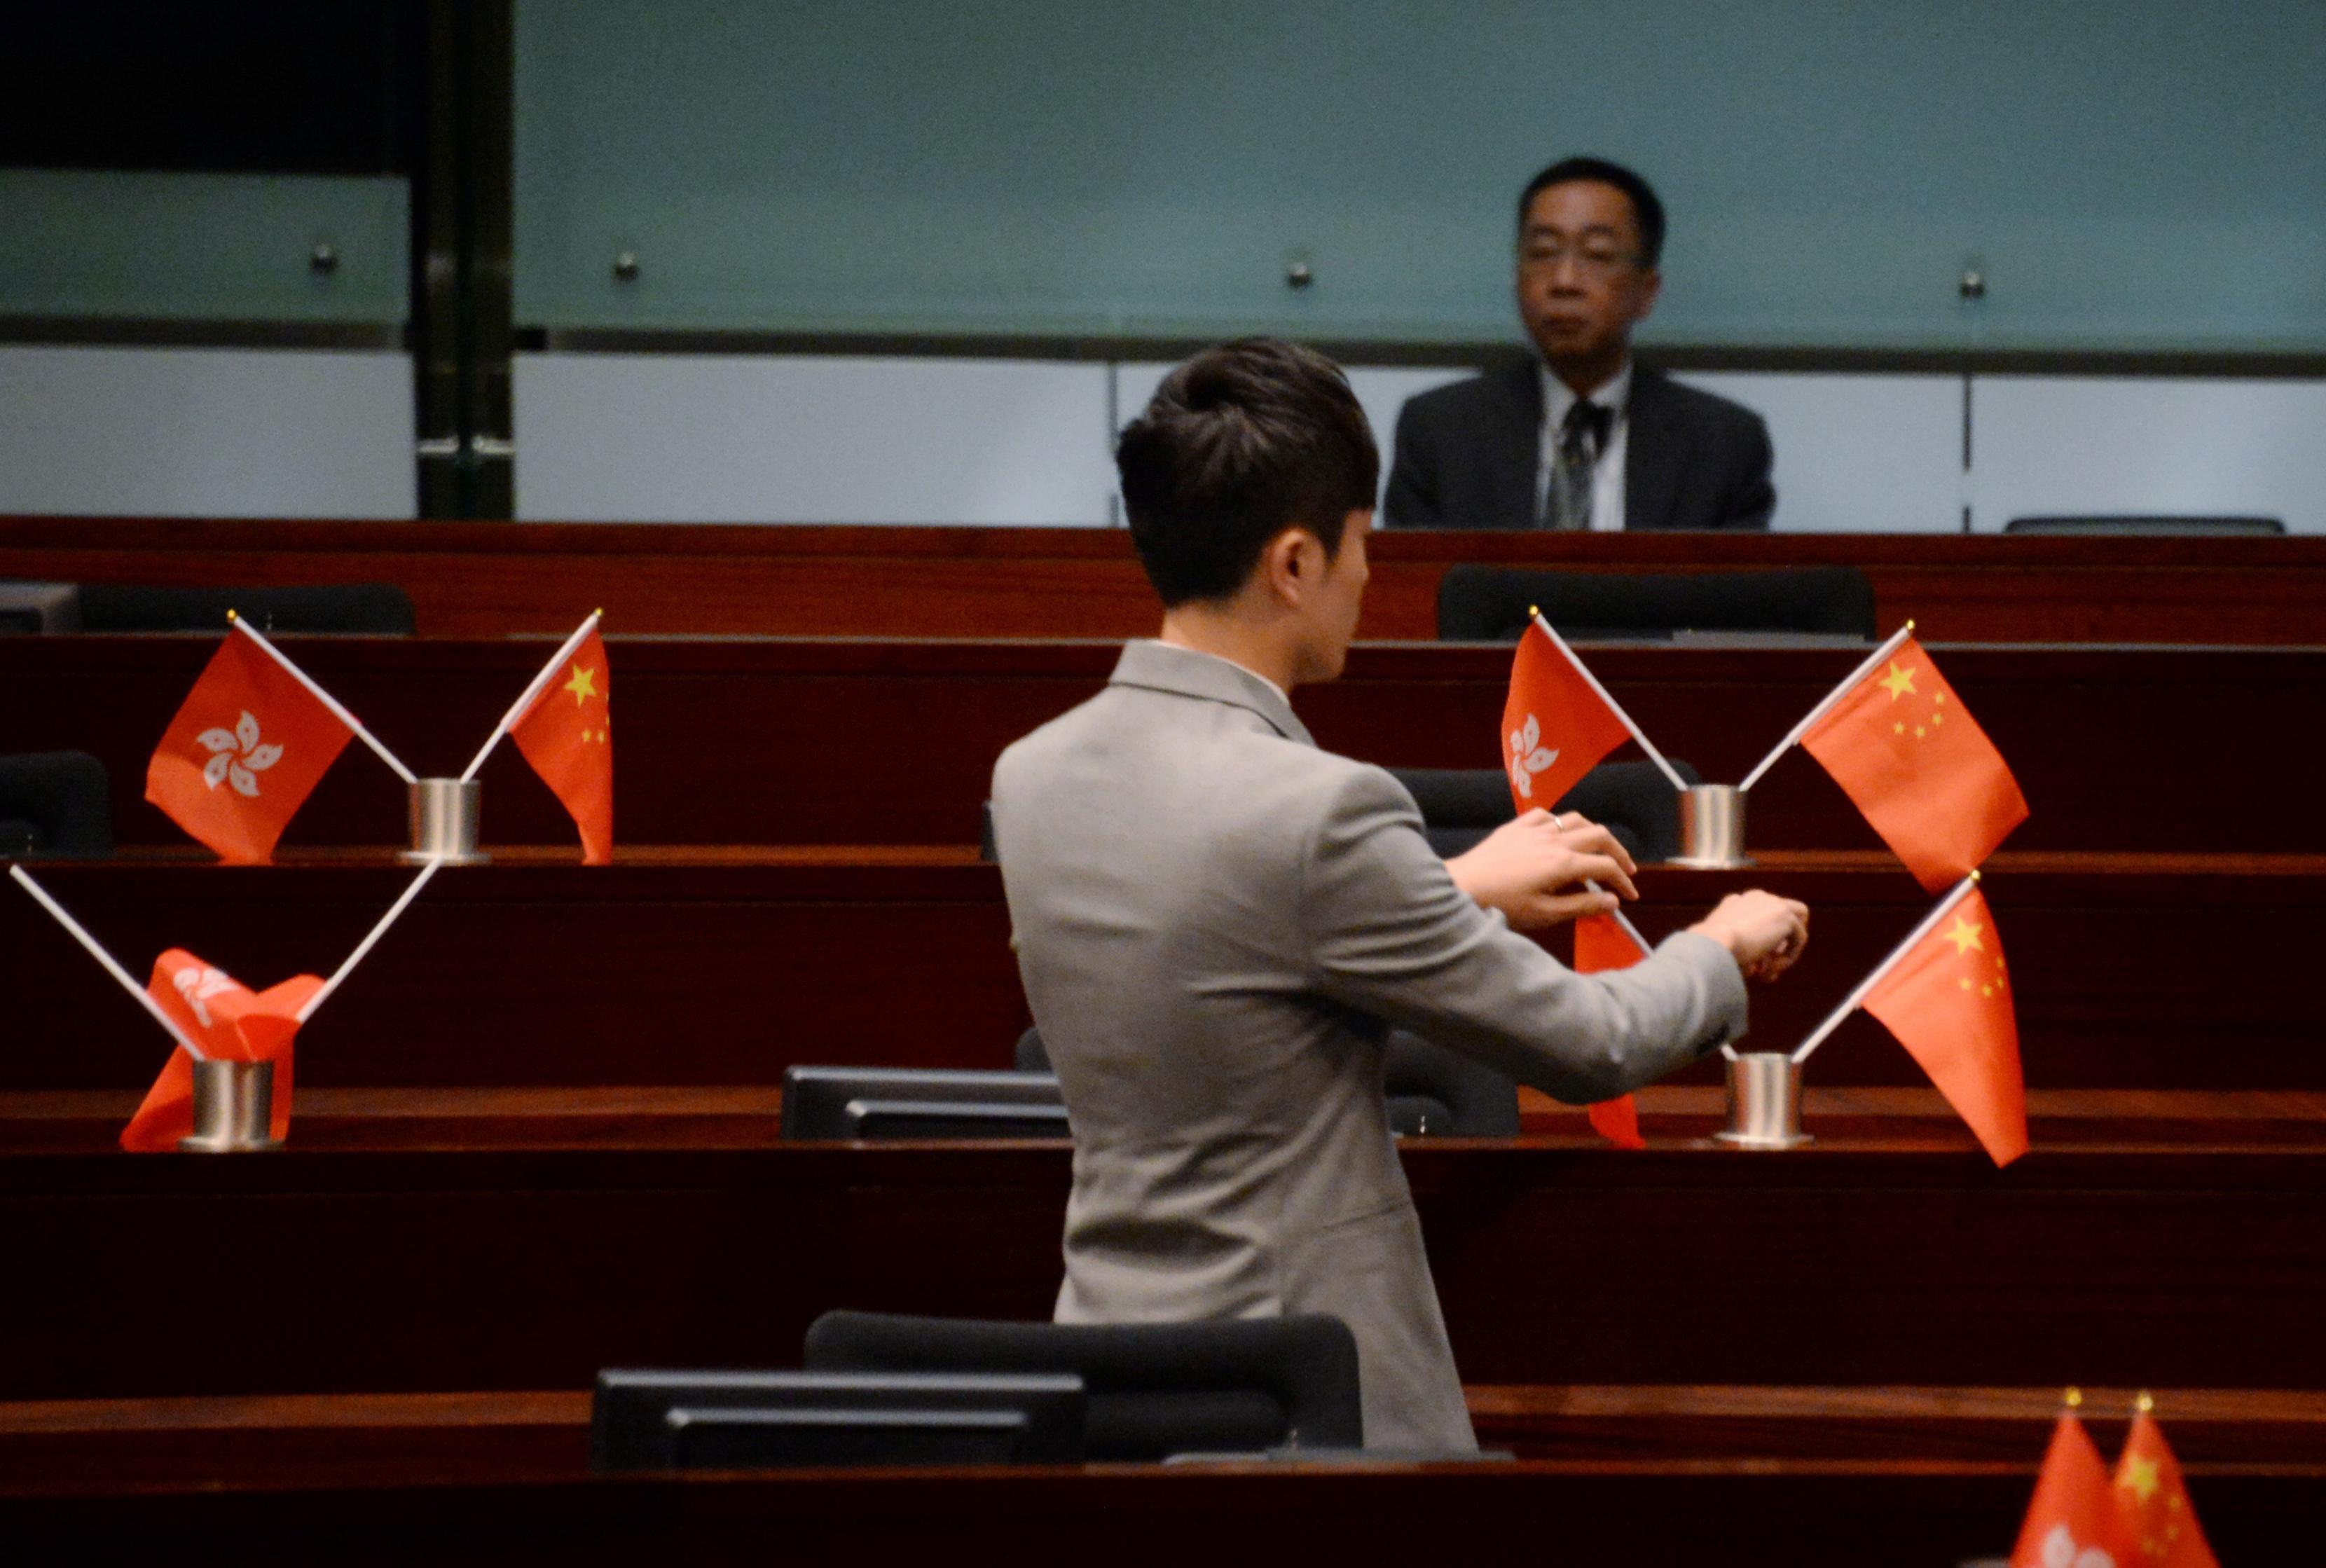 鄭松泰早前裁定侮辱國旗區旗兩罪罪成。資料圖片